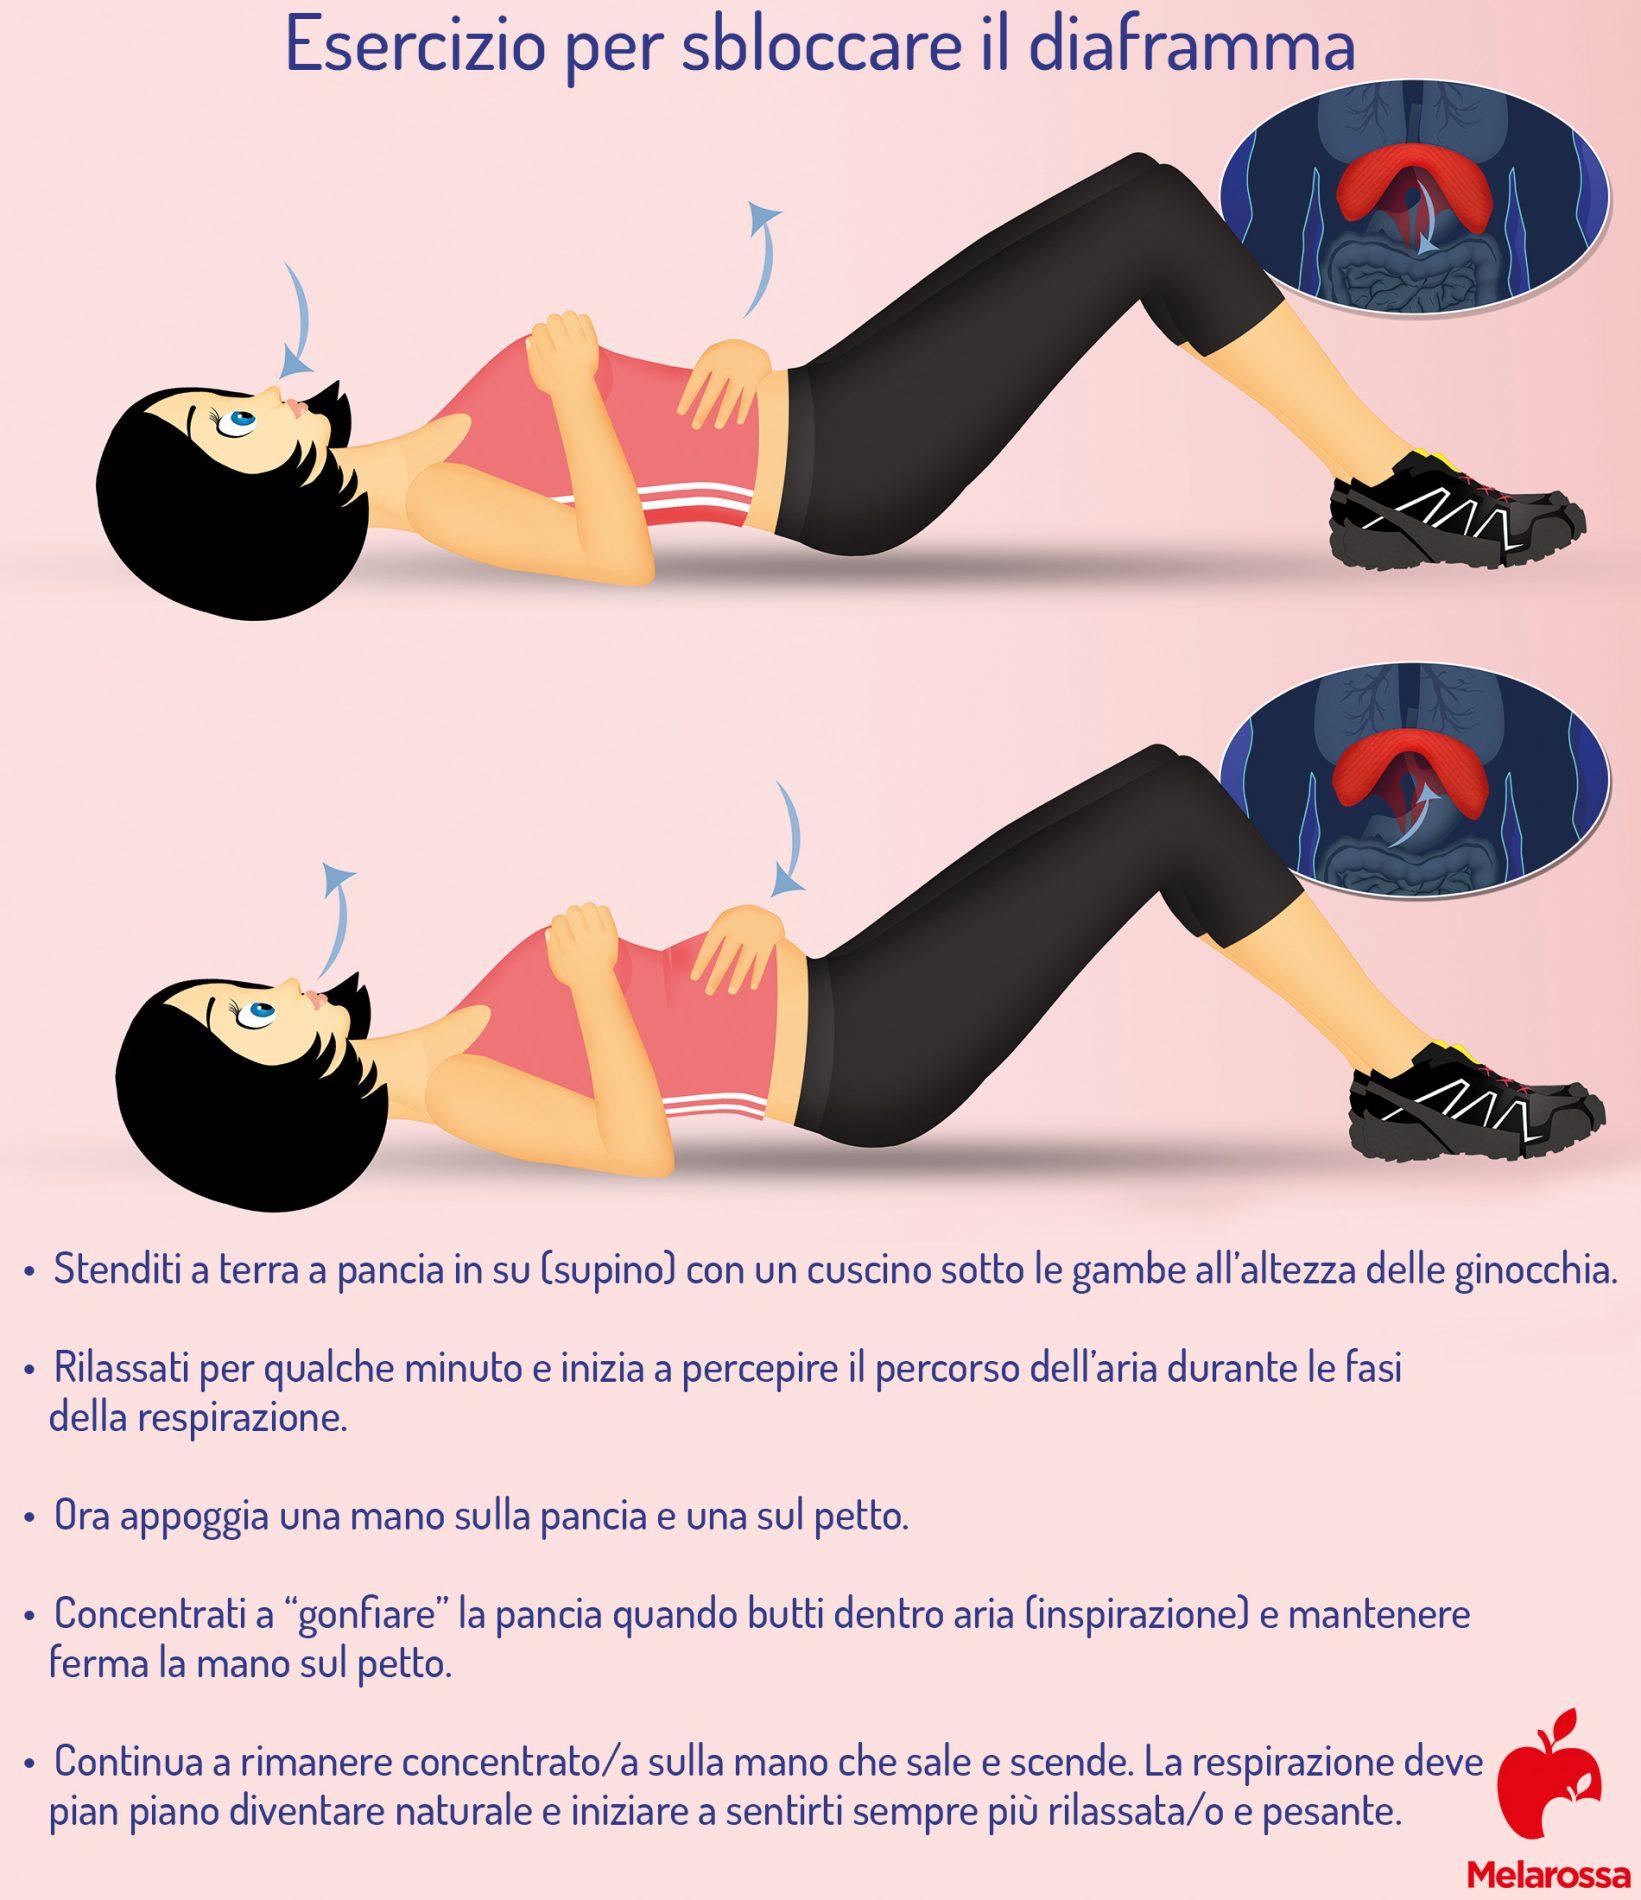 diaframma: esercizio per sbloccarlo il diaframma